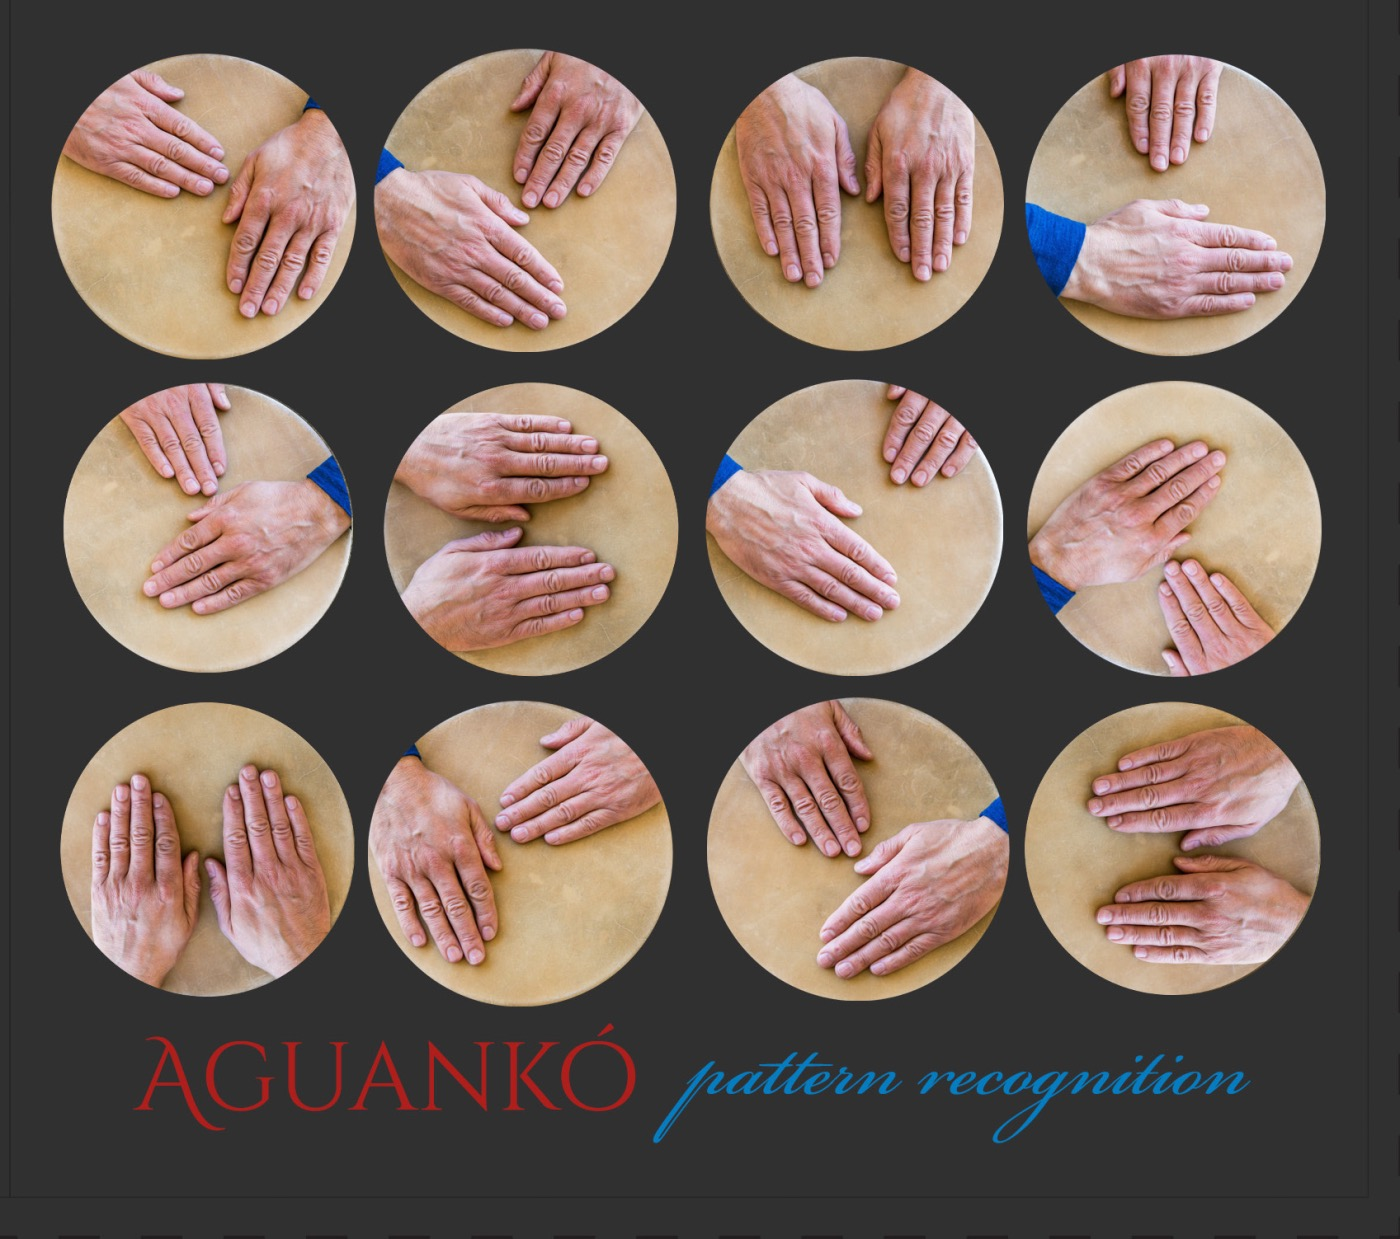 Aguanko2018.jpg